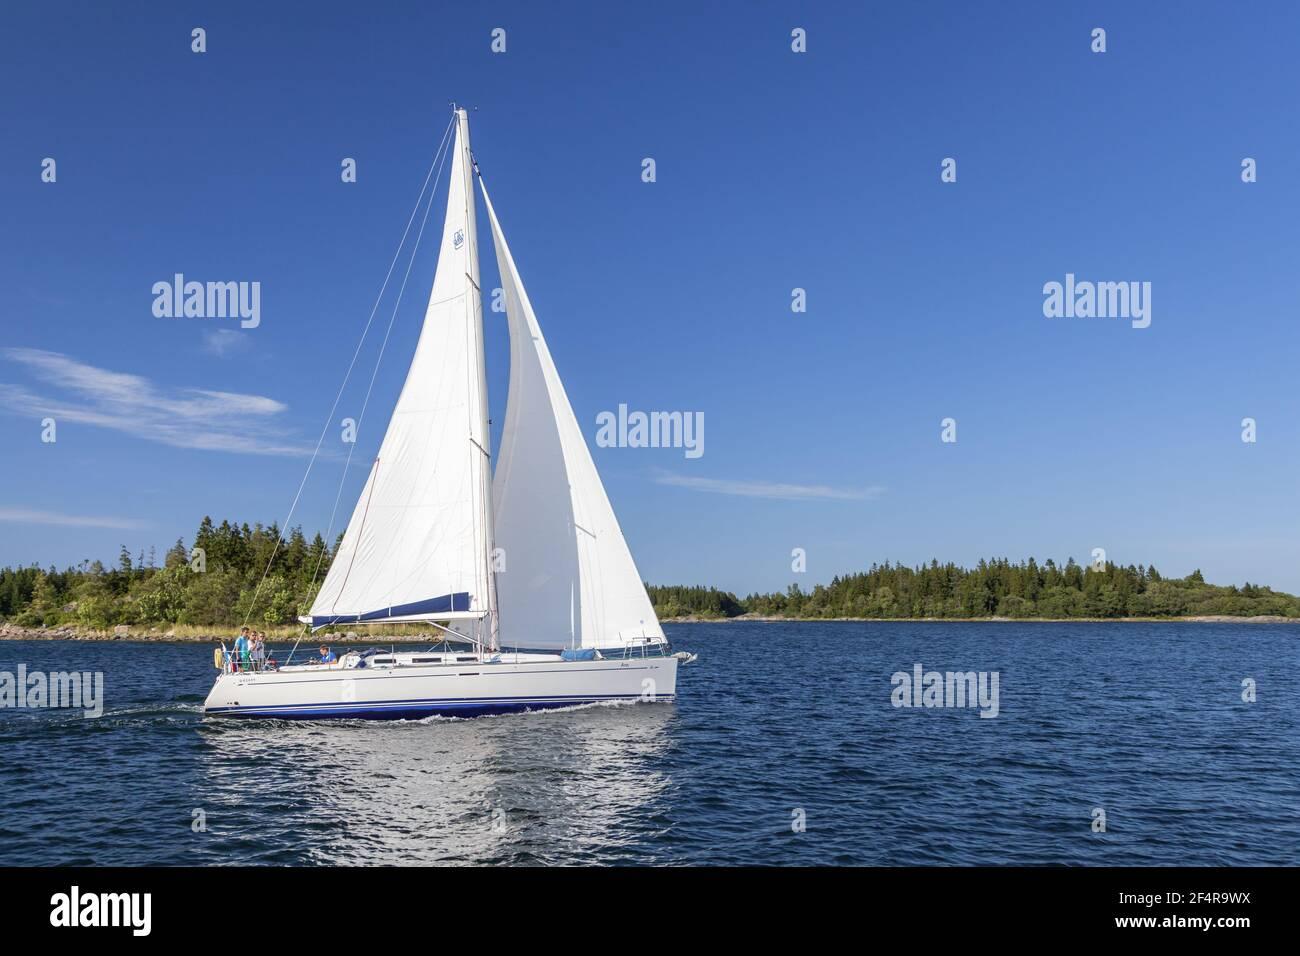 Géographie / Voyage, Suède, Stockholm laen, Stockholm skaergård, yachtsman en face de l'île de Fejan, Additional-Rights-Clearance-Info-not-available Banque D'Images